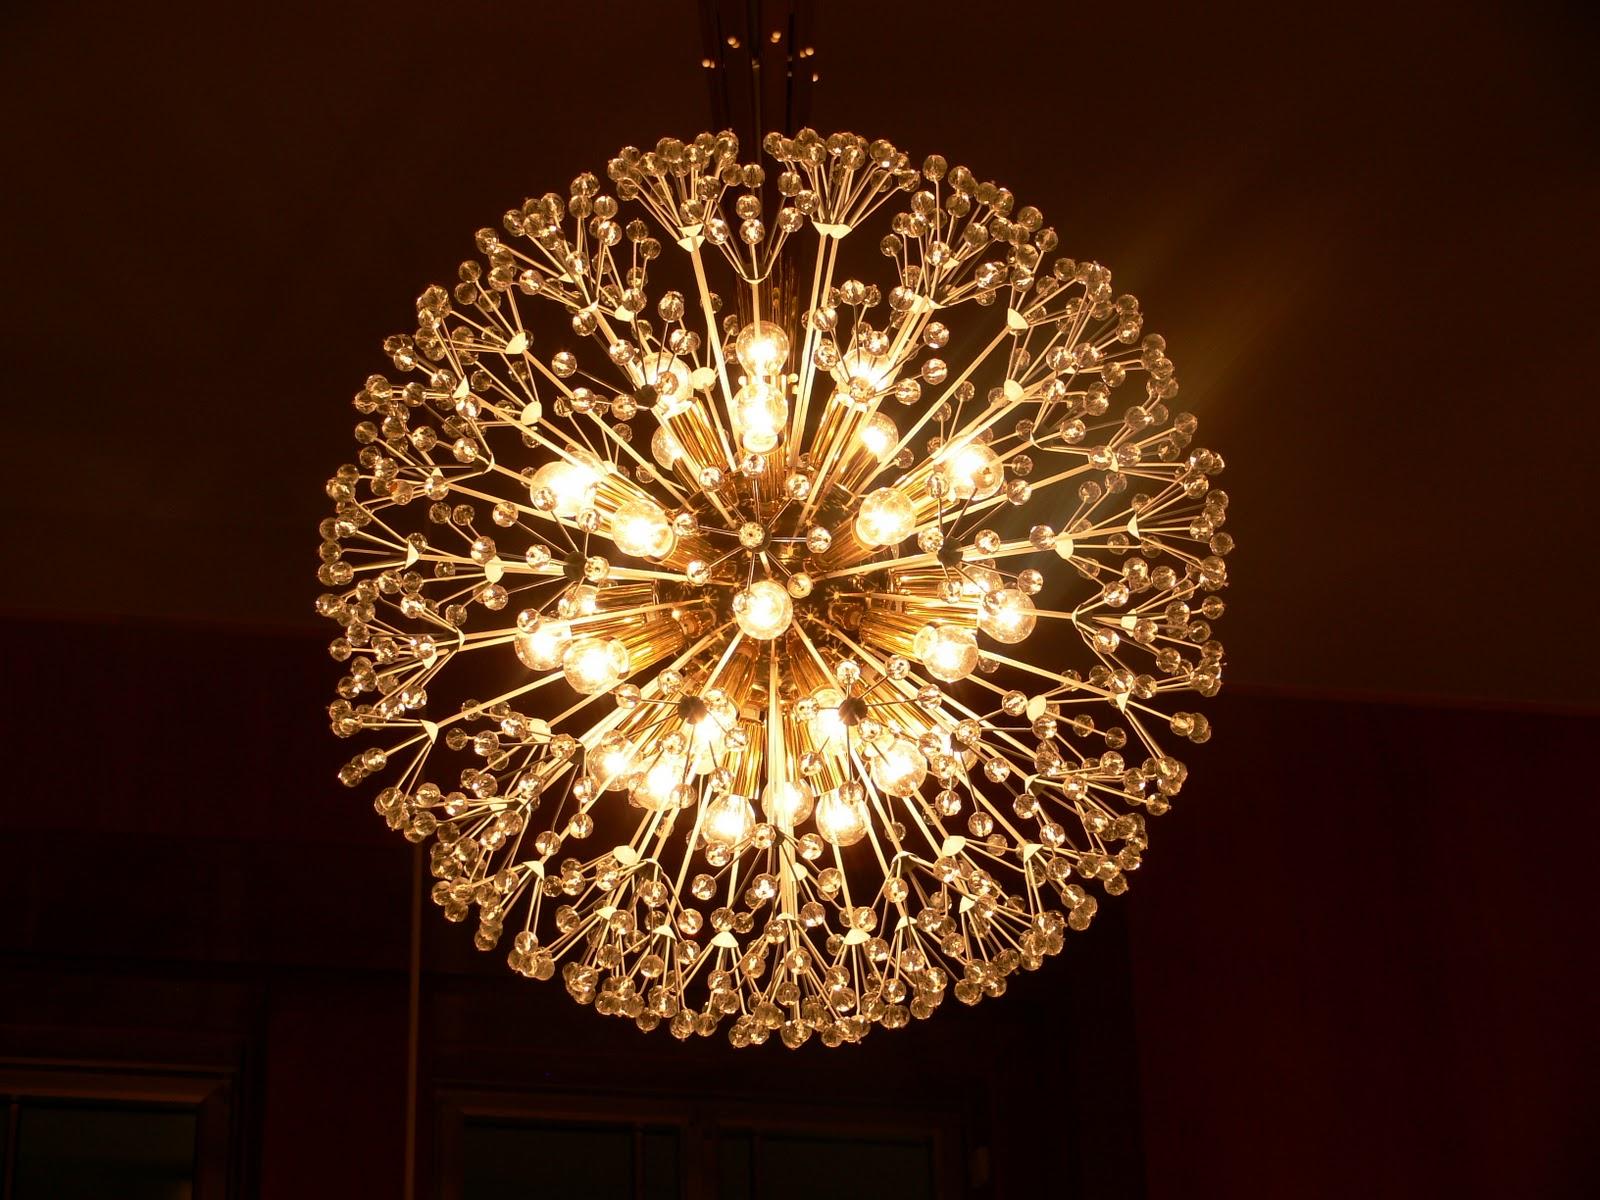 hartz iv m bel 100 sec lamp. Black Bedroom Furniture Sets. Home Design Ideas